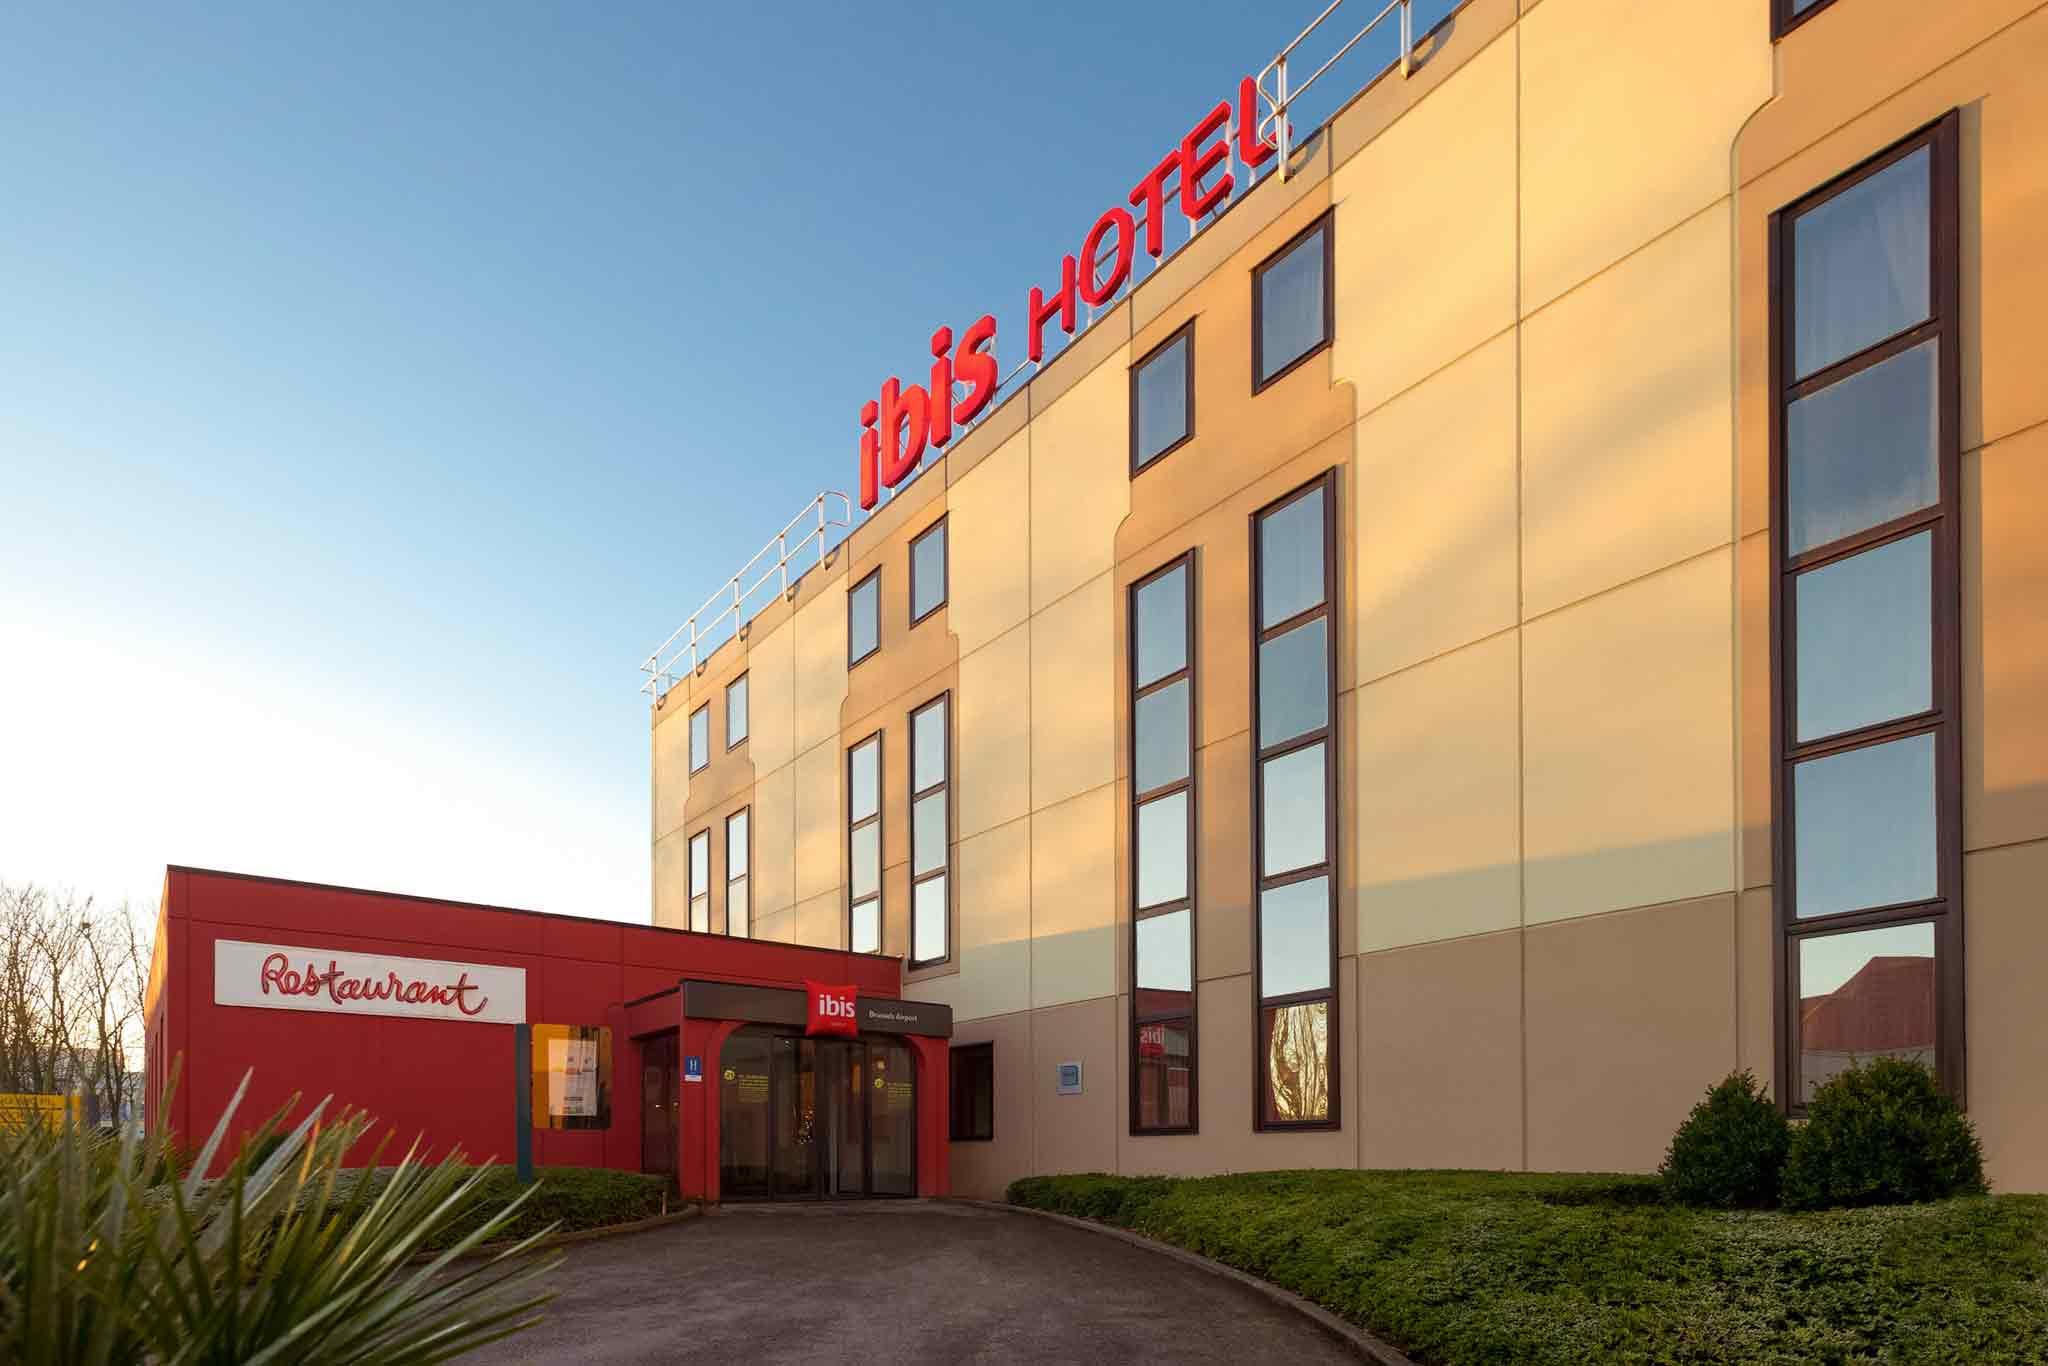 فندق - إيبيس ibis براسيلز إيربورت